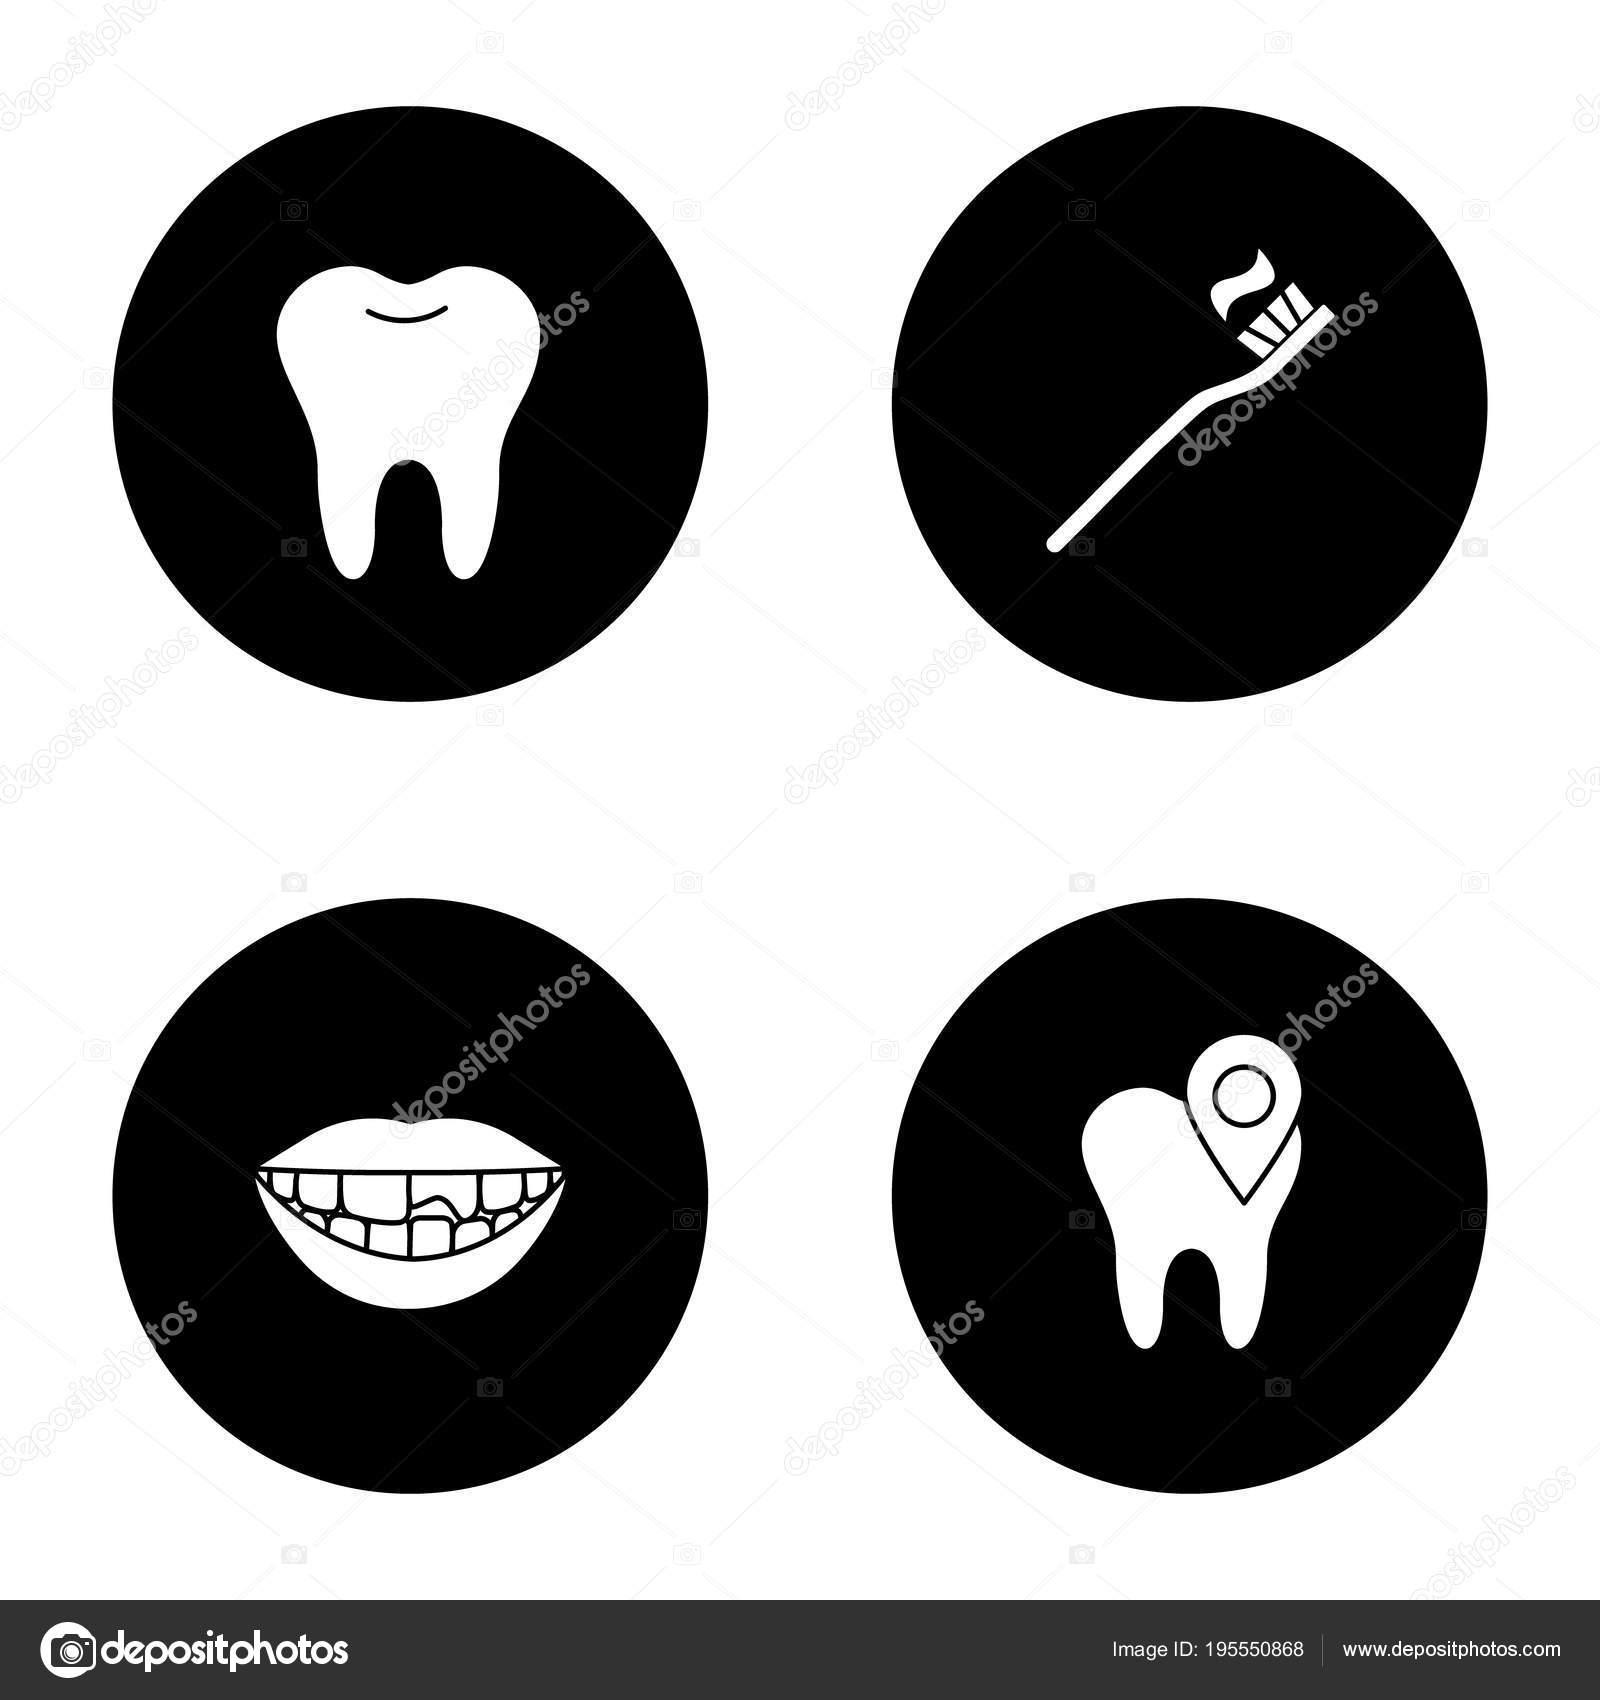 ded1a7dbb Conjunto Ícones Glifo Odontologia Dente Saudável Localização Clínica ...